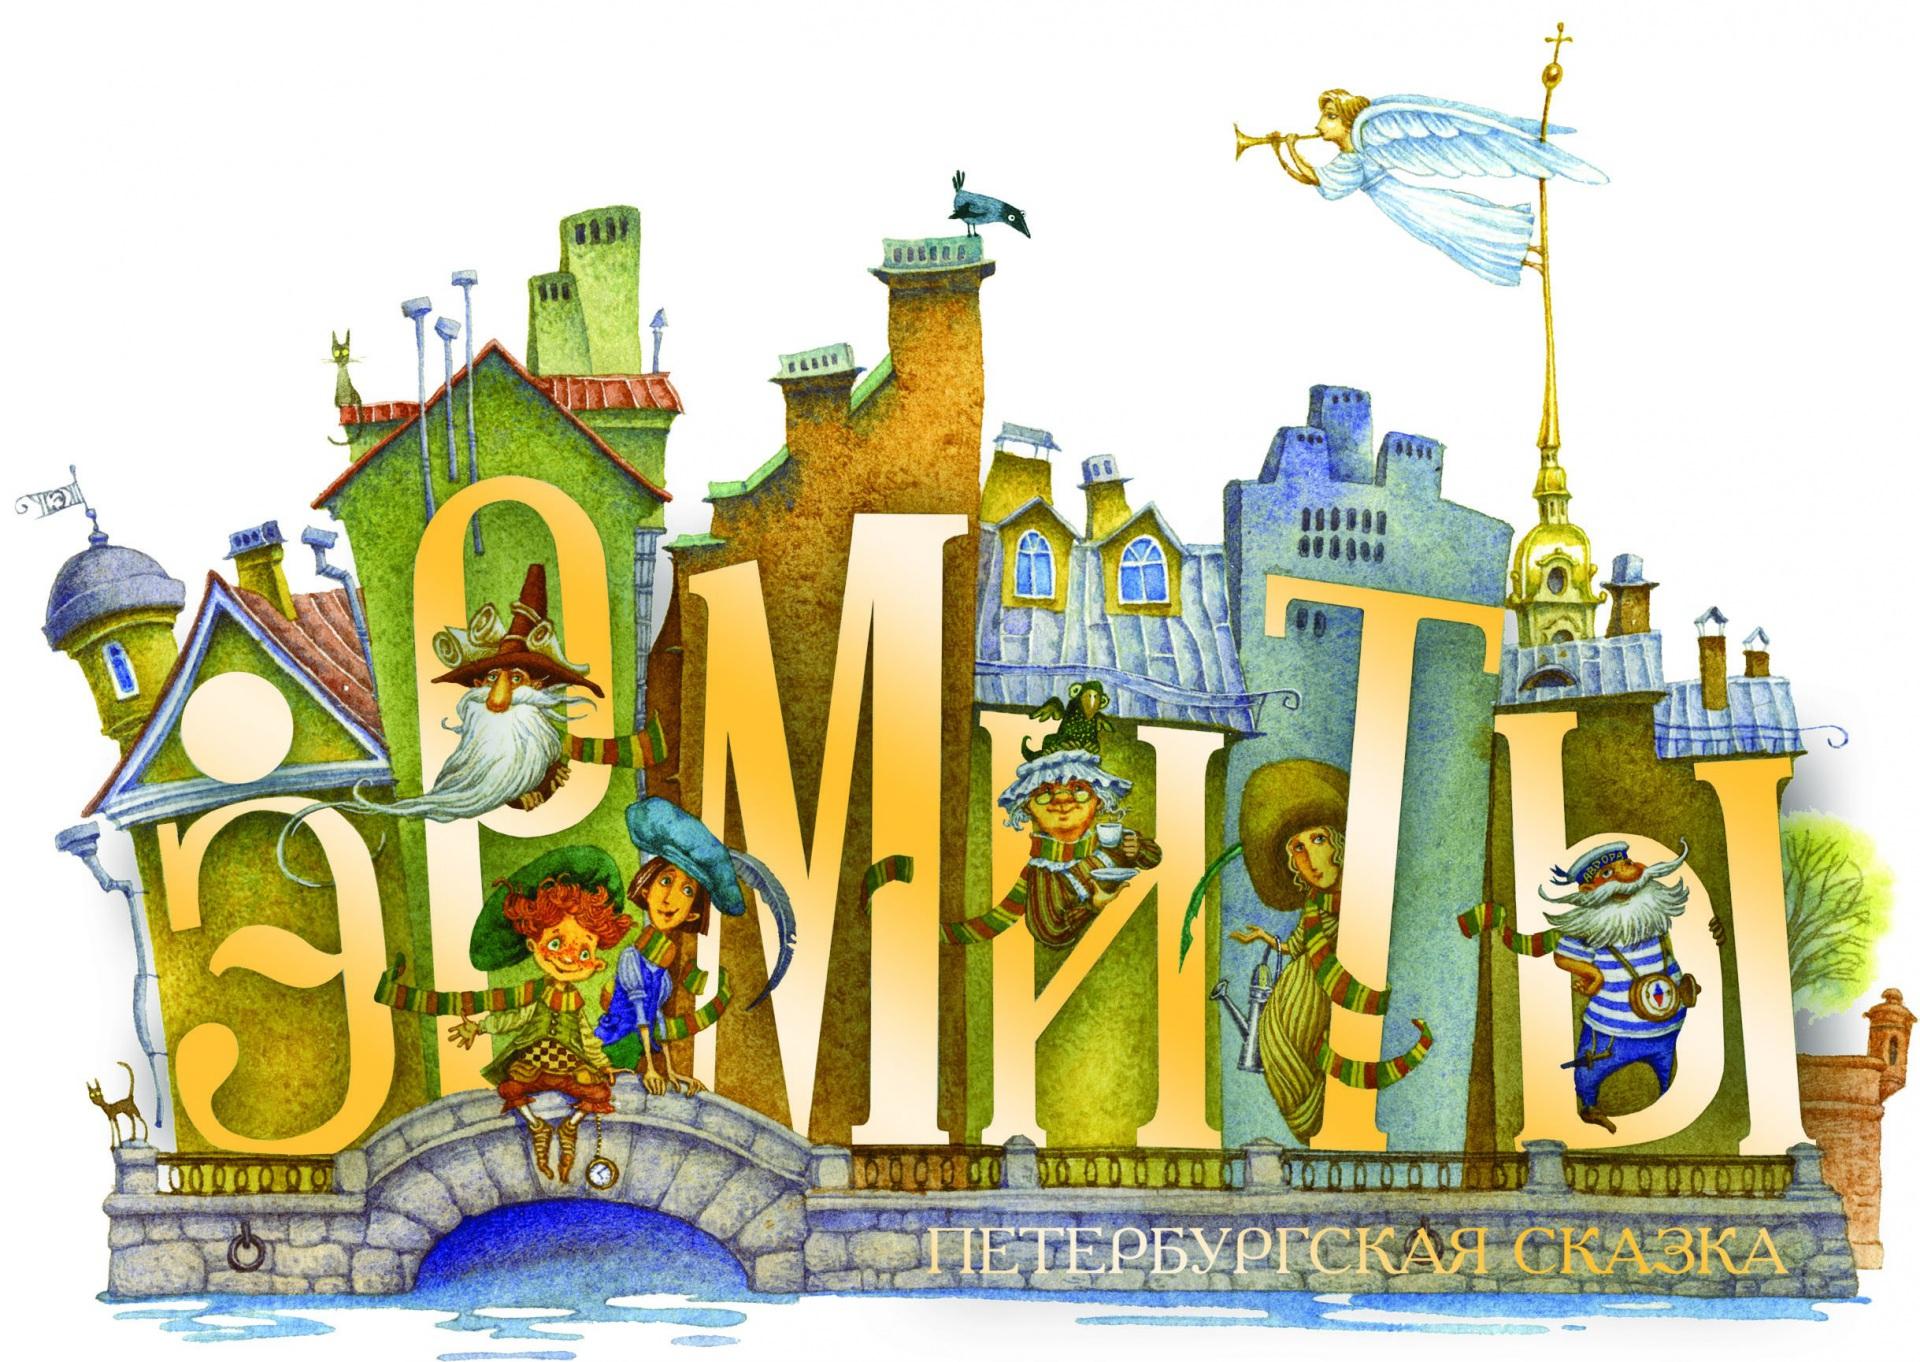 Эрмиты - Петербургская сказка